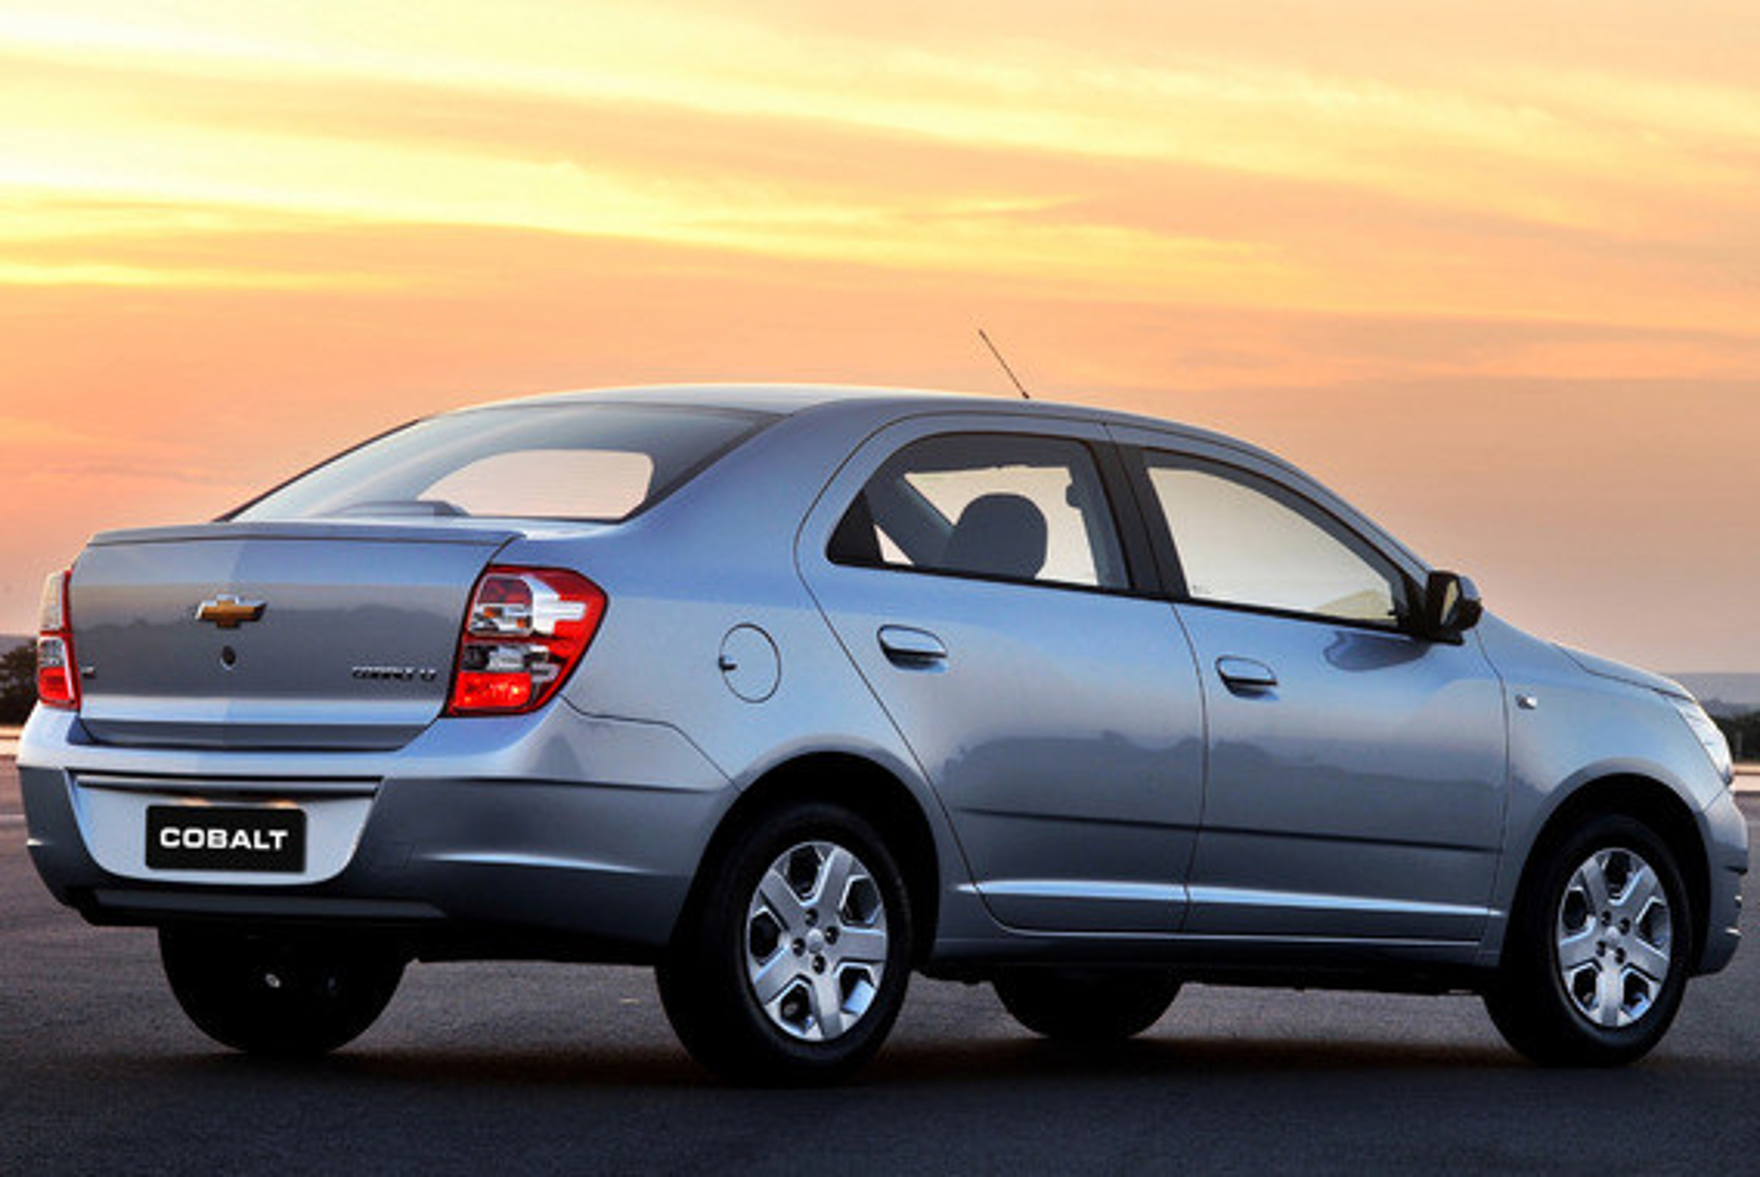 Установочные углы колес на Chevrolet Cobalt